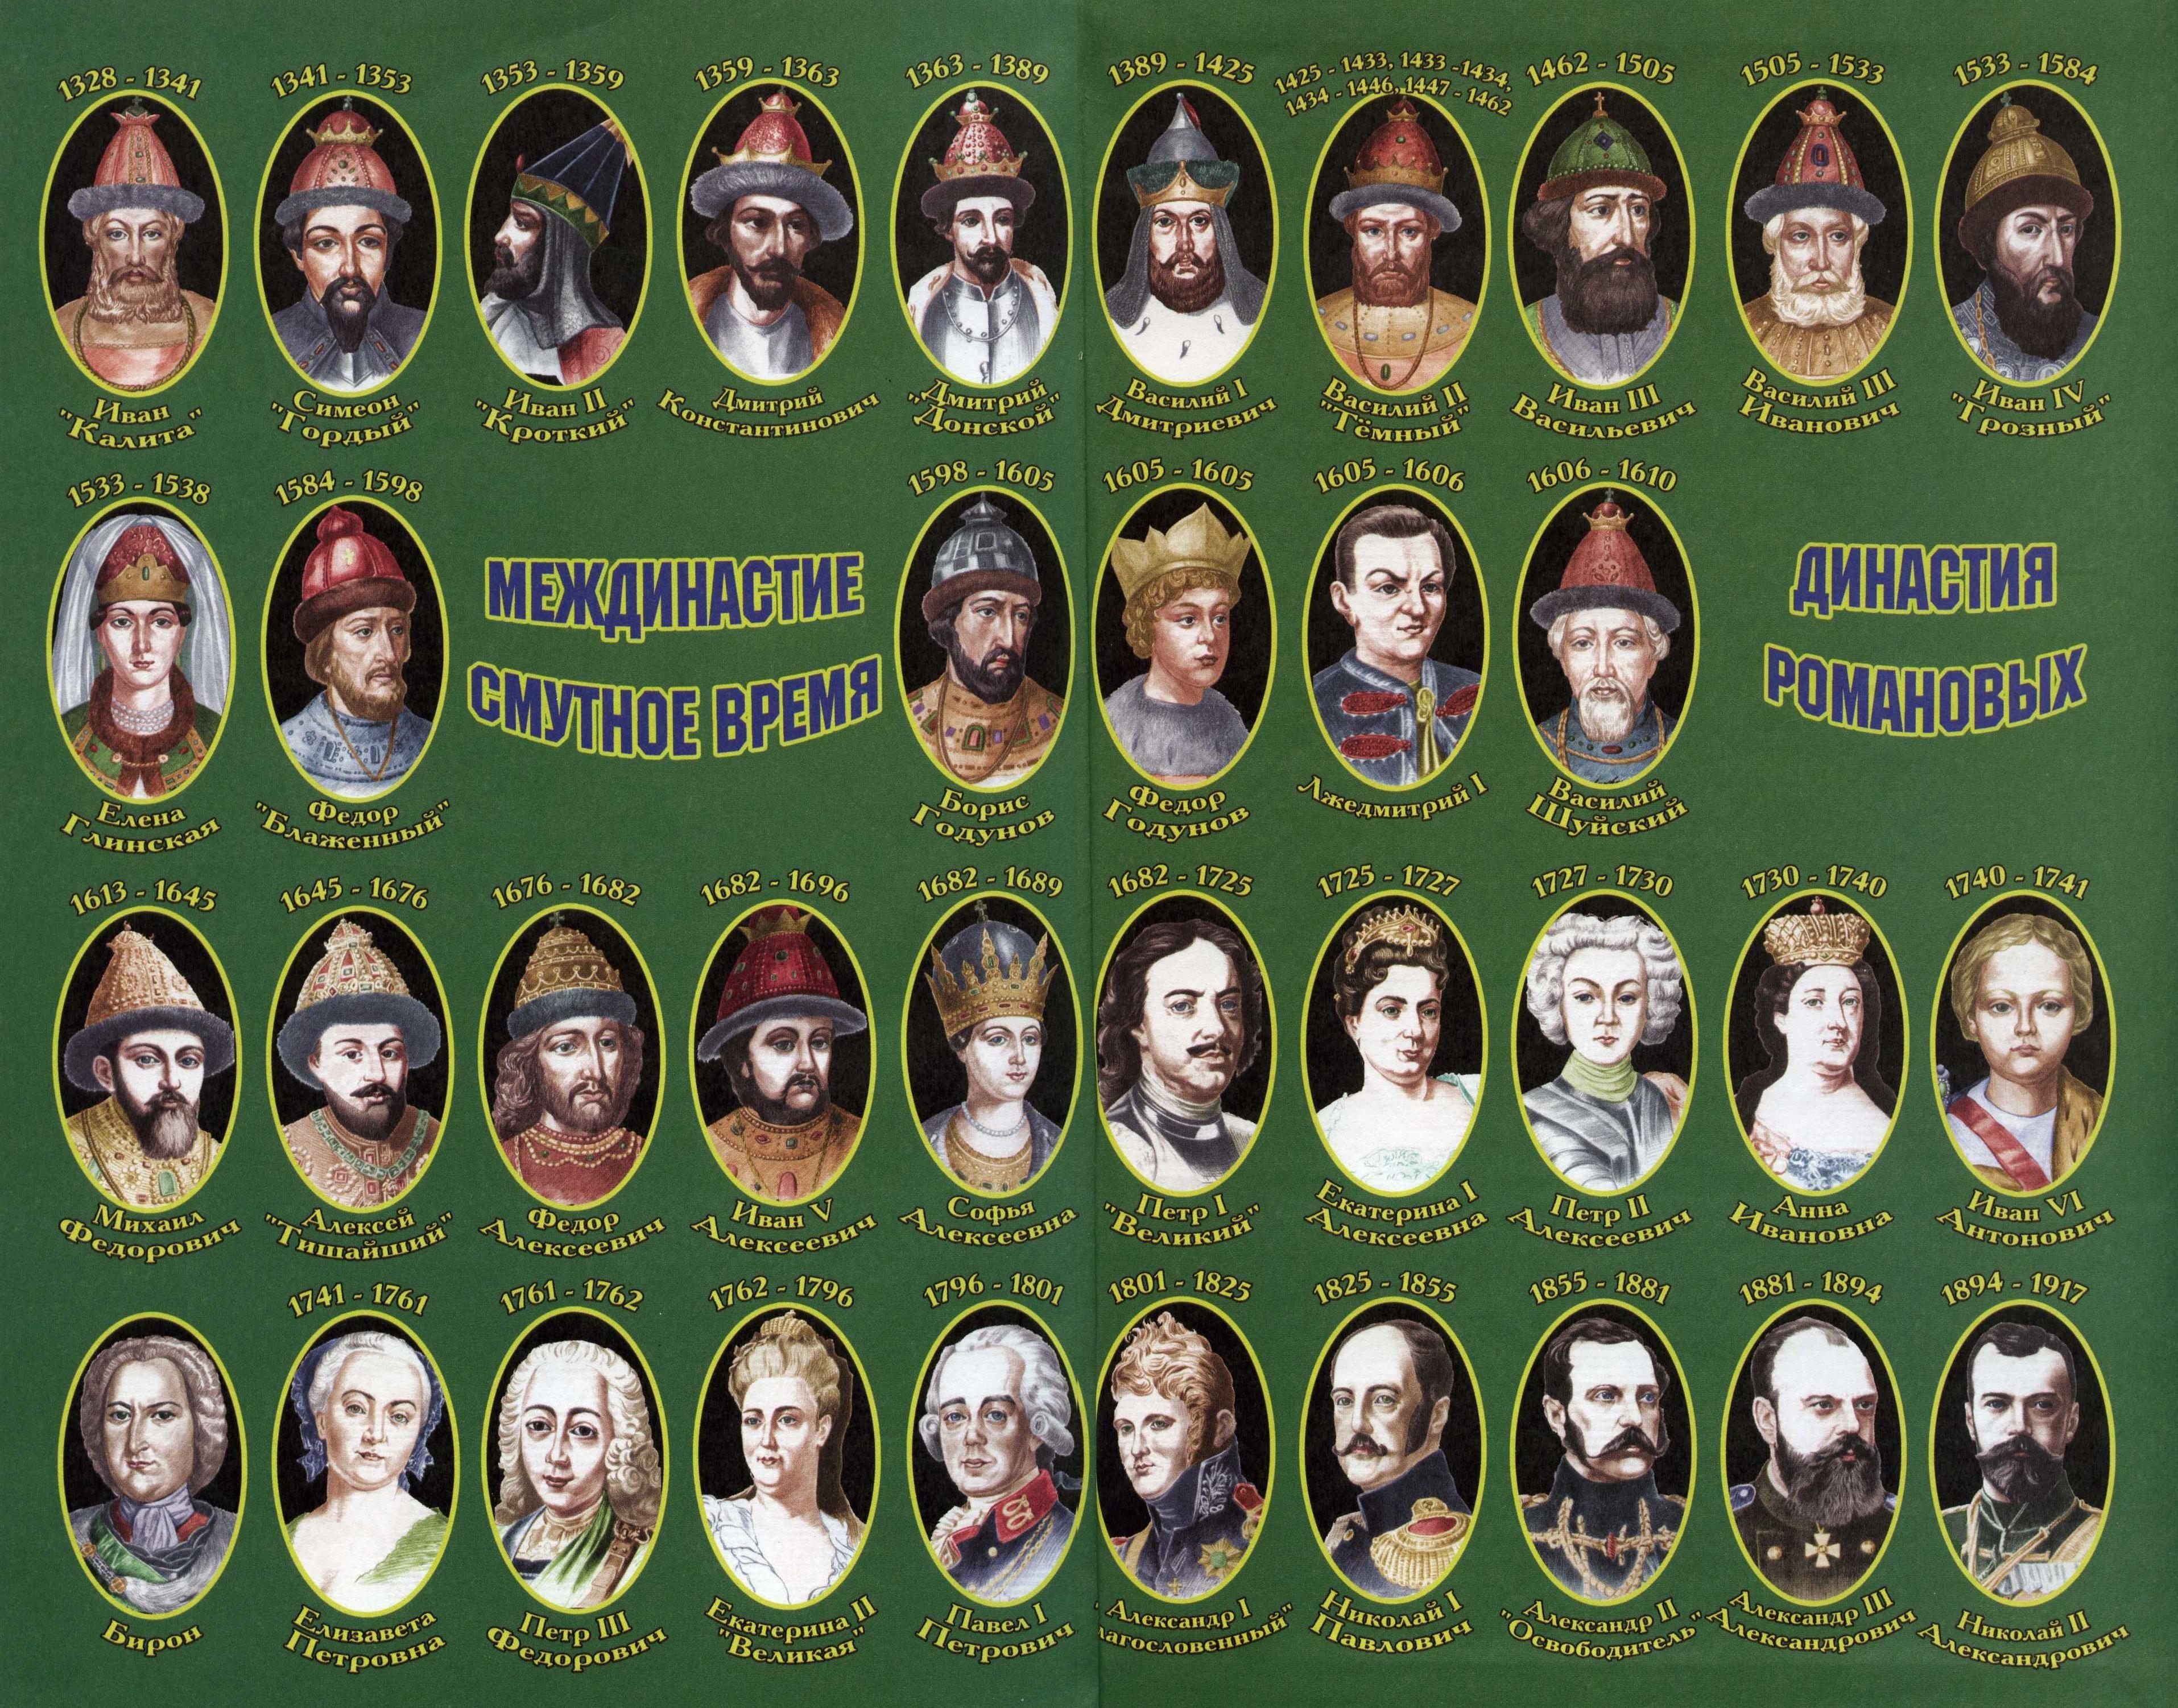 врачей надо биография царей россии с фото можно использовать подсохшие